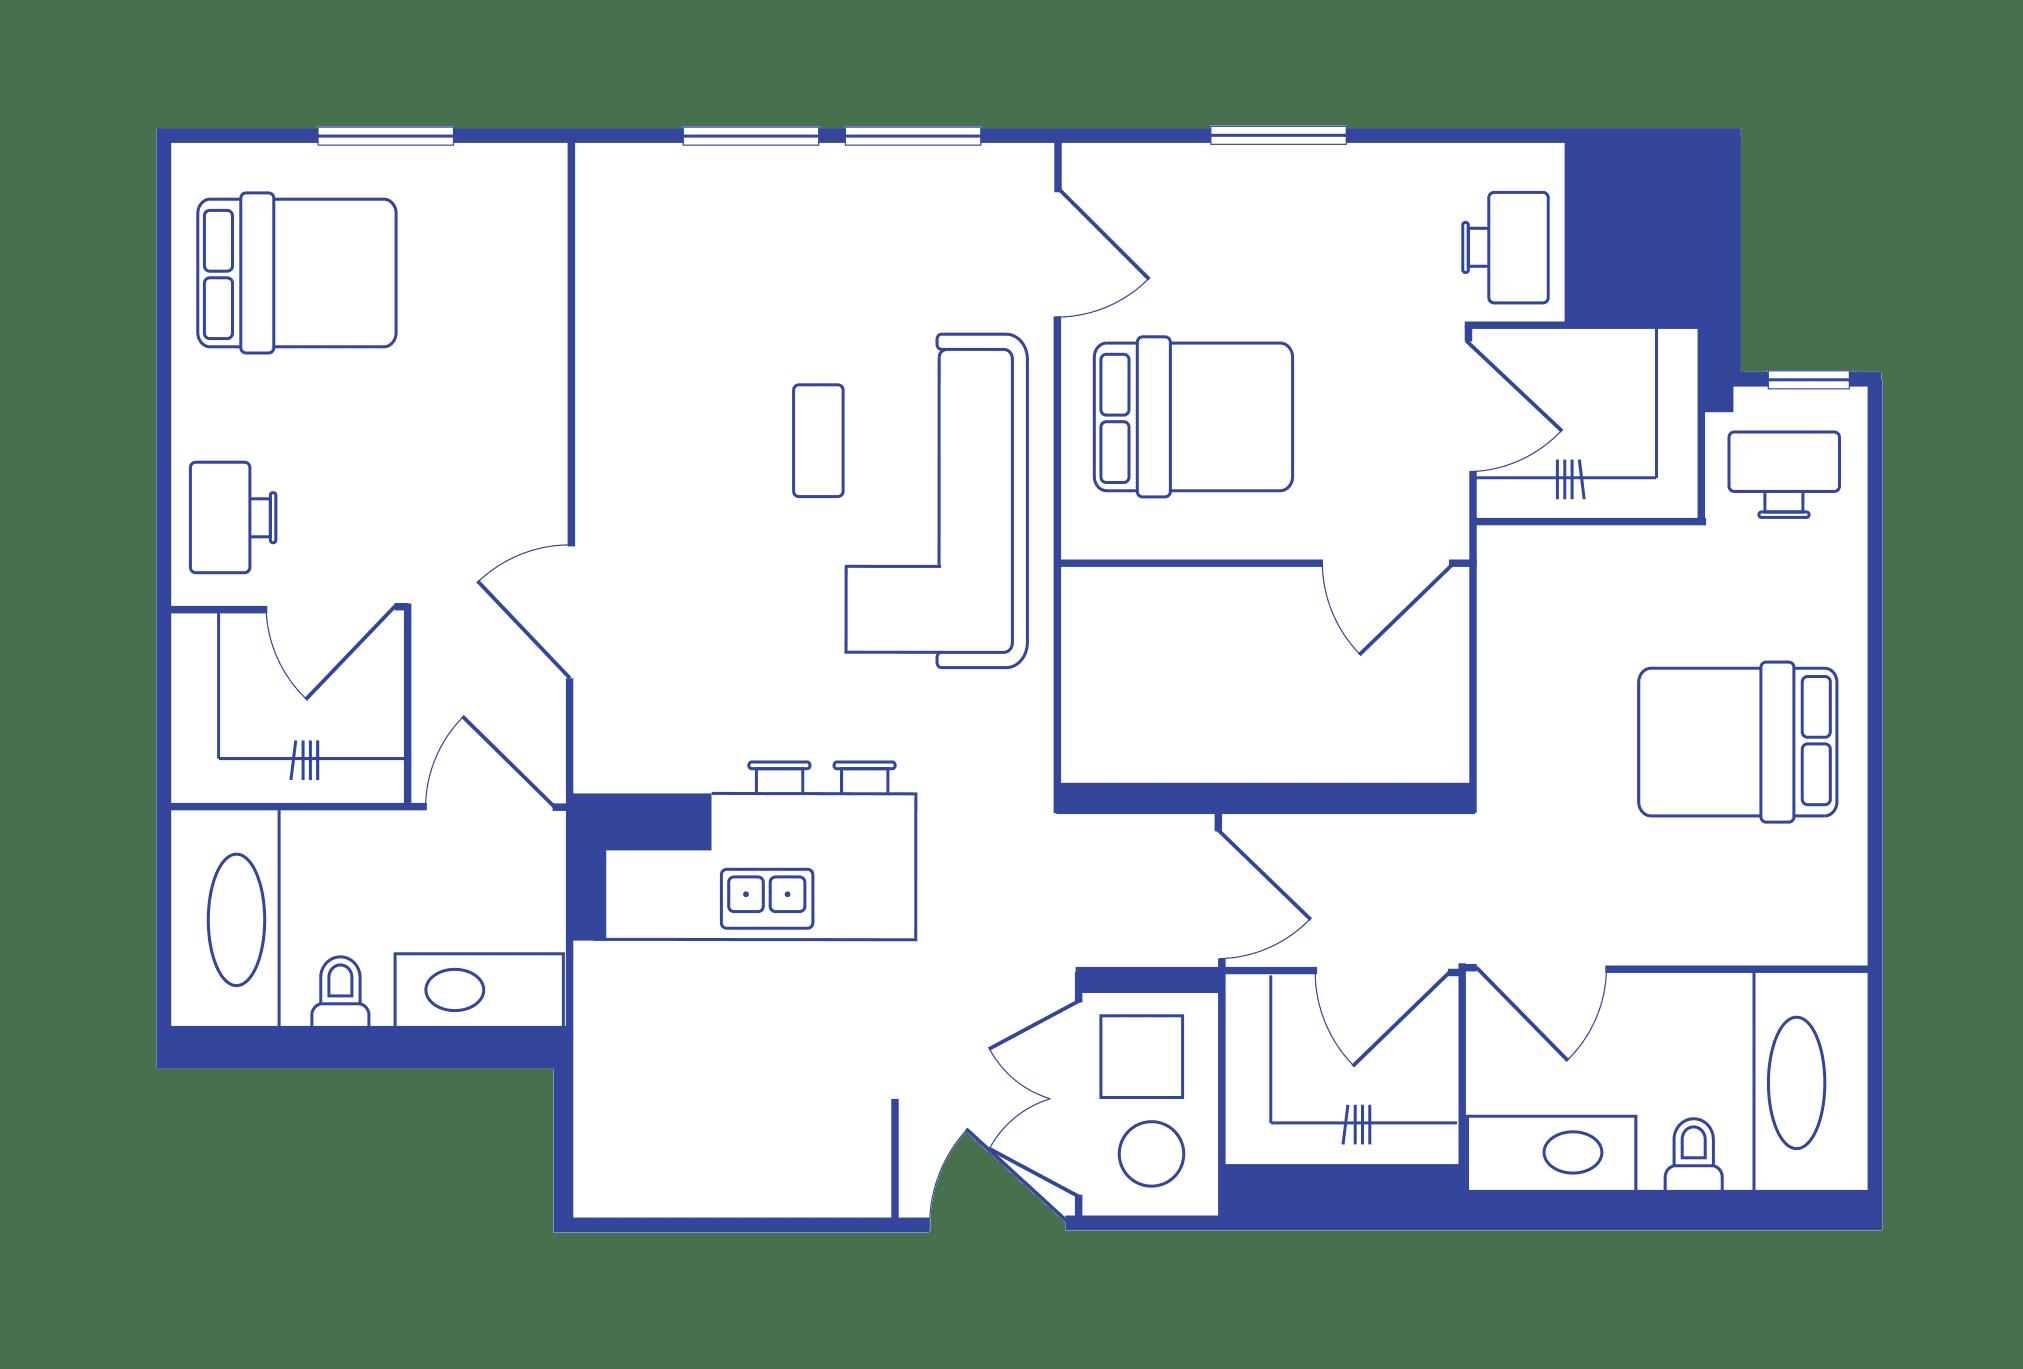 3 Bedroom - 3 Bath Student Apartments